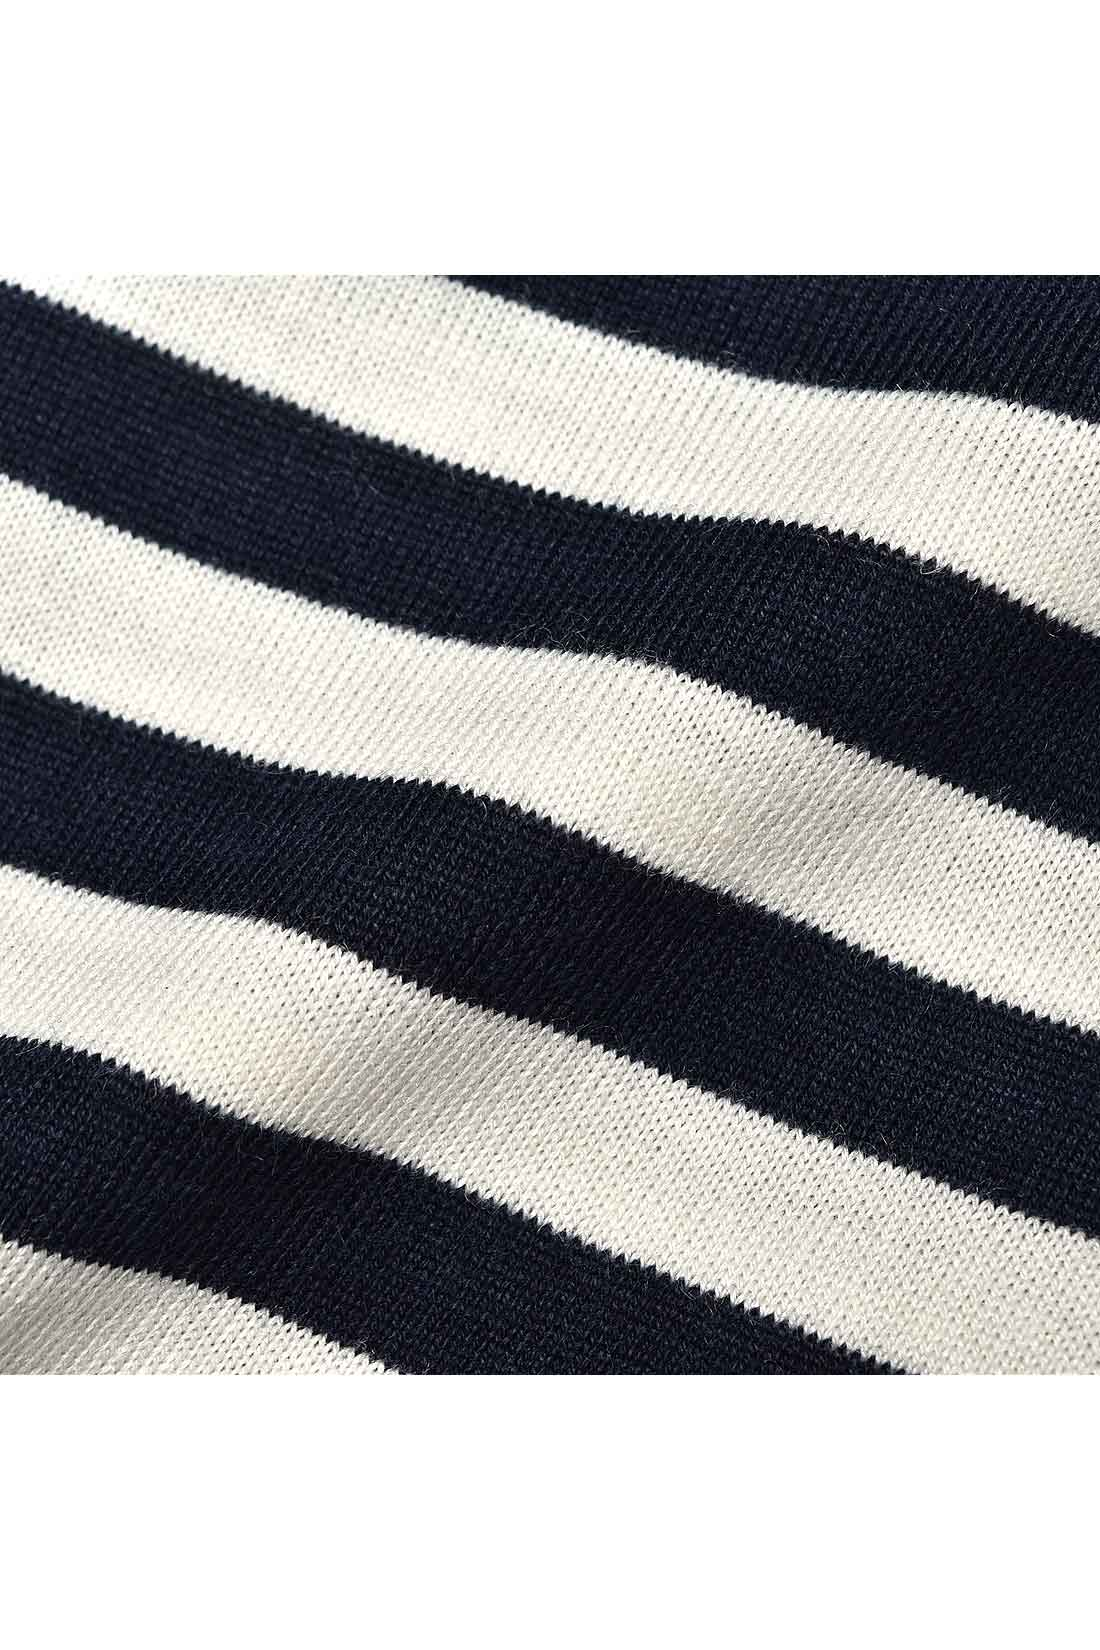 濃紺×白の薄手ボーダーカットソー。